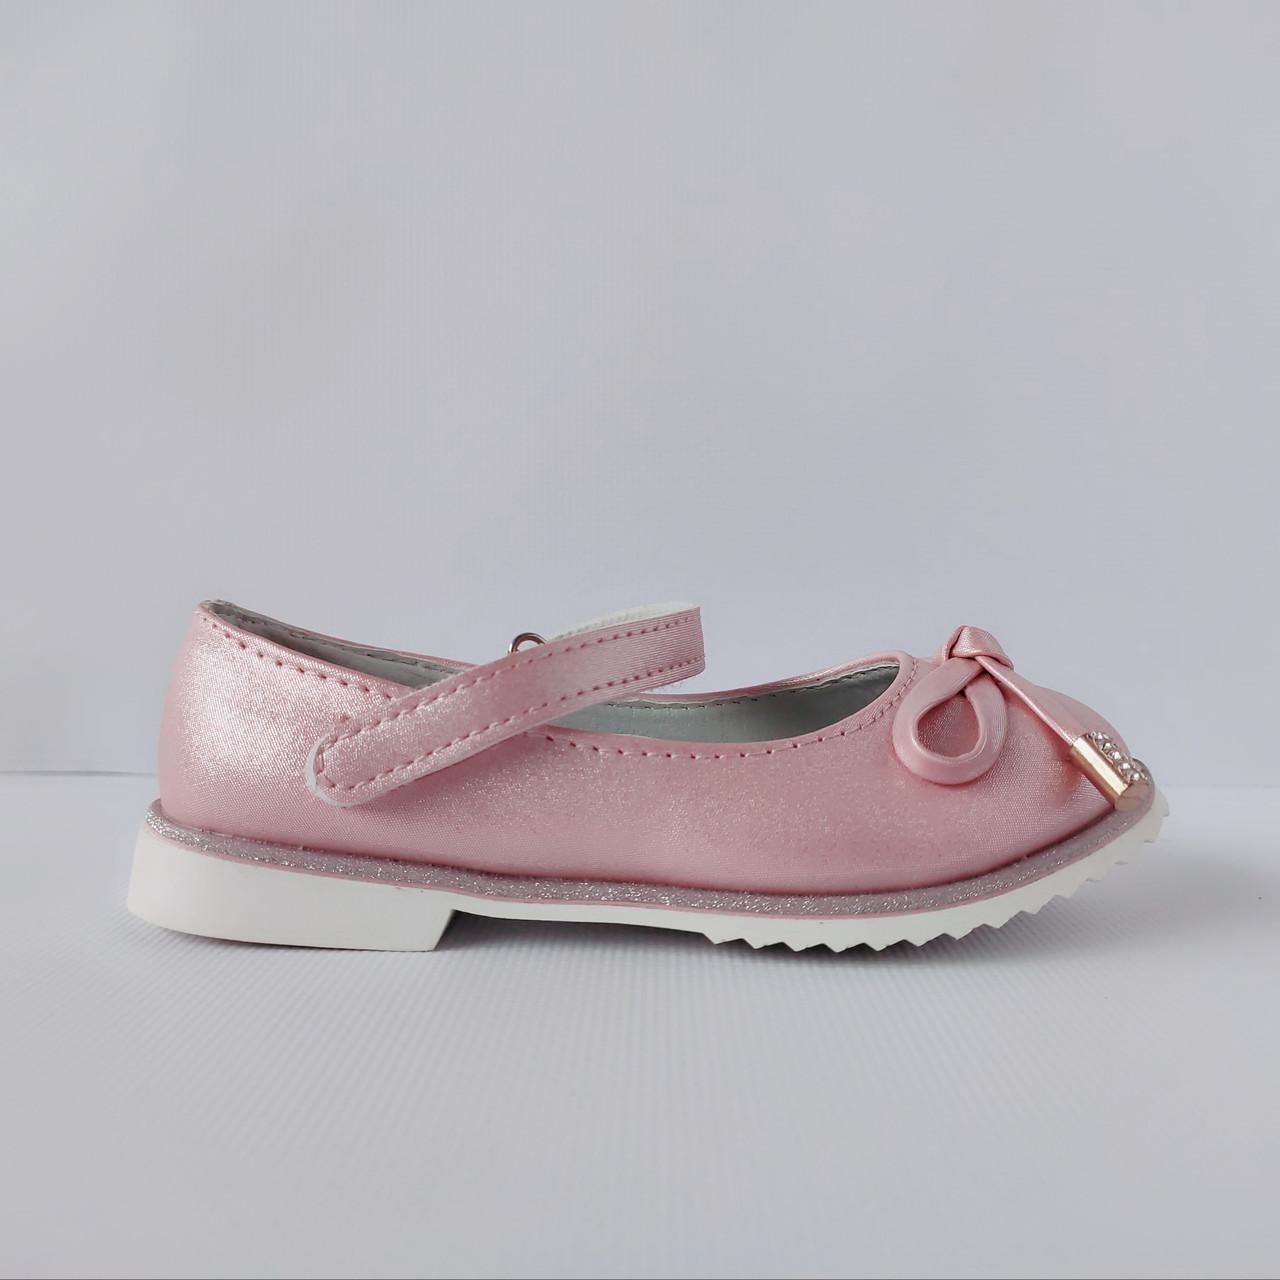 Праздничные розовые туфли на каблучке девочкам, р. 29, 31 , Нарядные и удобные